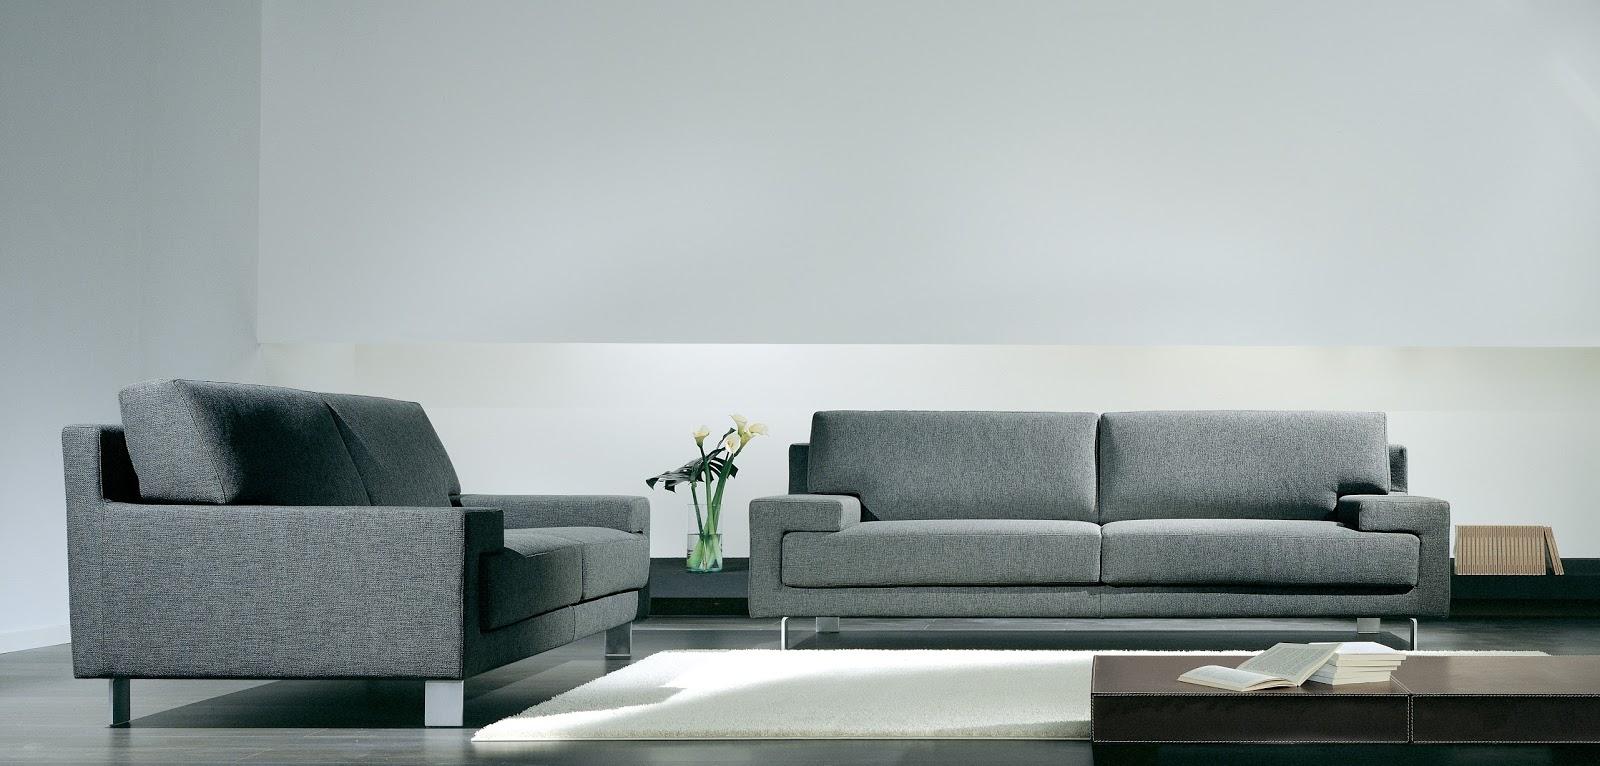 Divani blog tino mariani - Divano moderno design ...